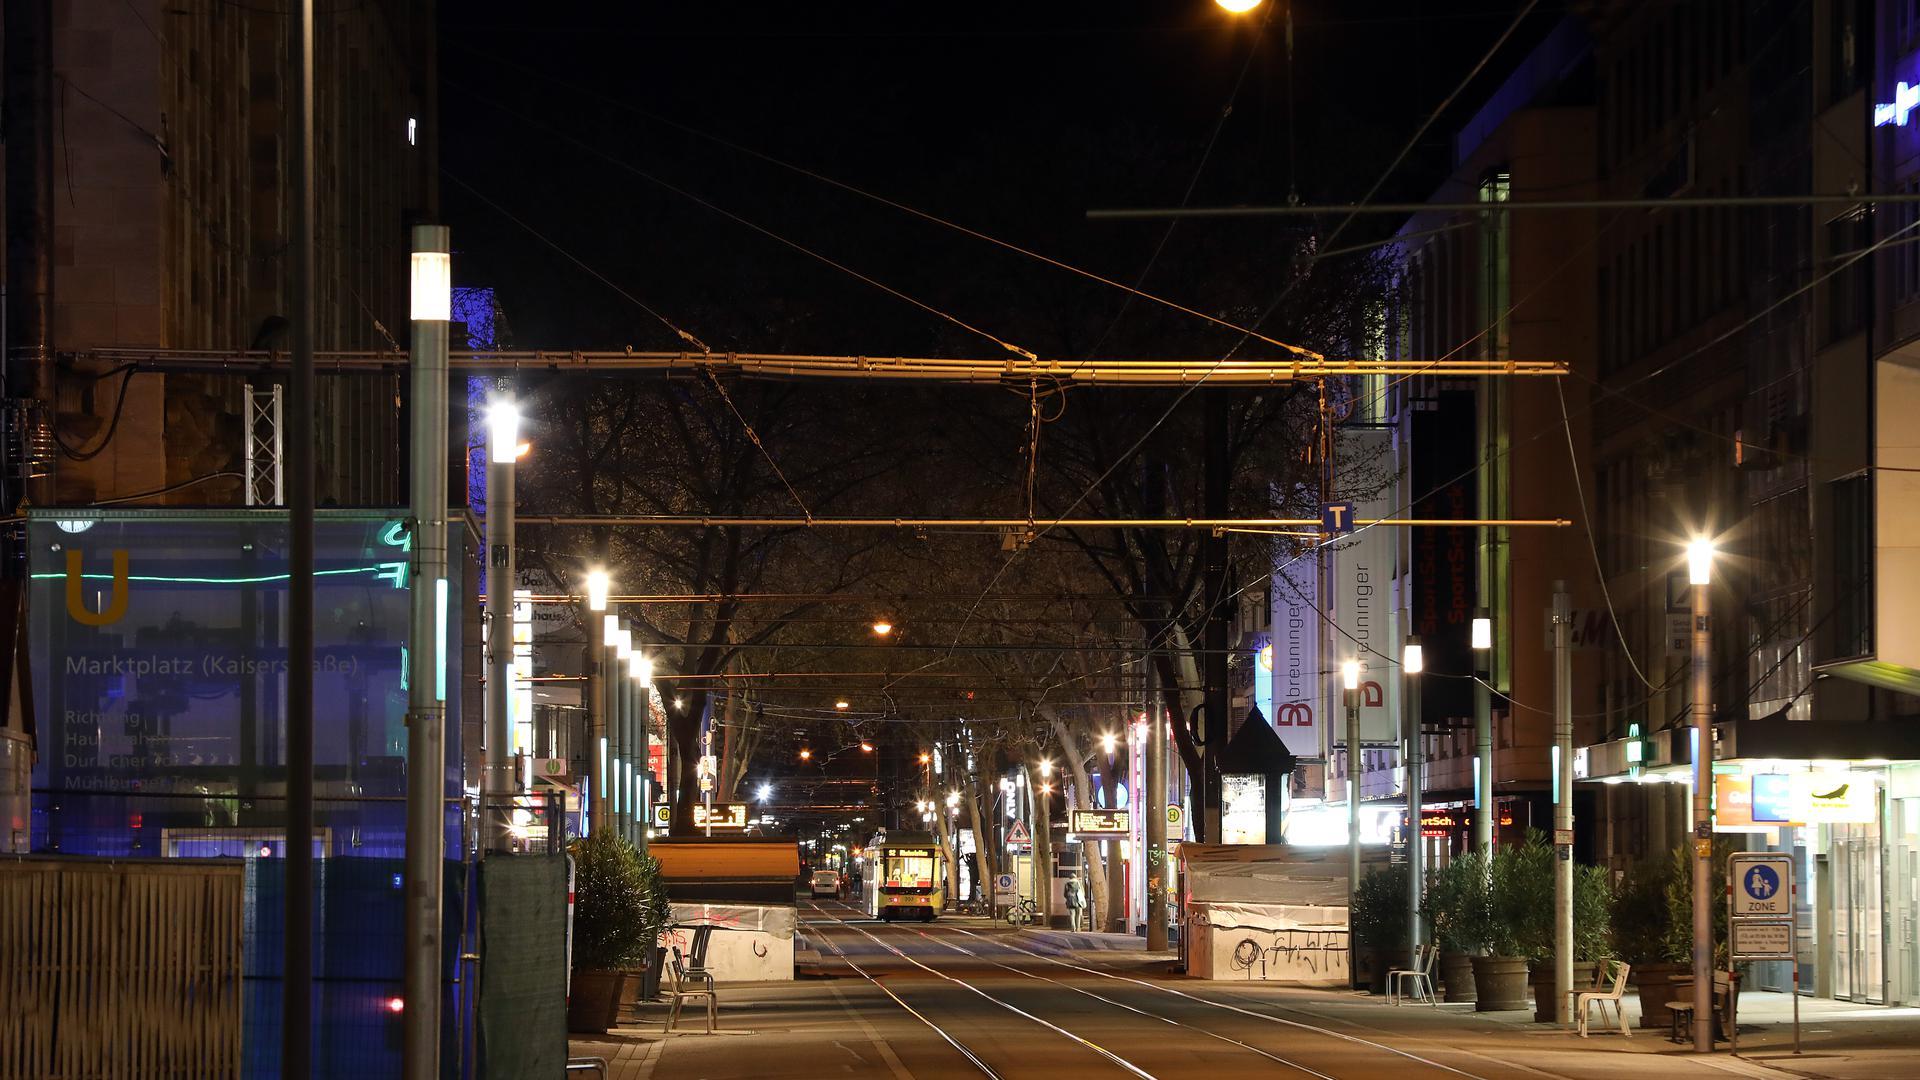 © Jodo-Foto /  Joerg  Donecker// 17.04.2021 Ausgangssperre / Corona-Lockdown, Foto: Innenstadt Karlsruhe,         -Copyright - Jodo-Foto /  Joerg  Donecker Sonnenbergstr.4  D-76228 KARLSRUHE TEL:  0049 (0) 721-9473285 FAX:  0049 (0) 721 4903368  Mobil: 0049 (0) 172 7238737 E-Mail:  joerg.donecker@t-online.de Sparkasse Karlsruhe  IBAN: DE12 6605 0101 0010 0395 50, BIC: KARSDE66XX Steuernummer 34140/28360 Veroeffentlichung nur gegen Honorar nach MFM zzgl. ges. Mwst.  , Belegexemplar und Namensnennung. Es gelten meine AGB.